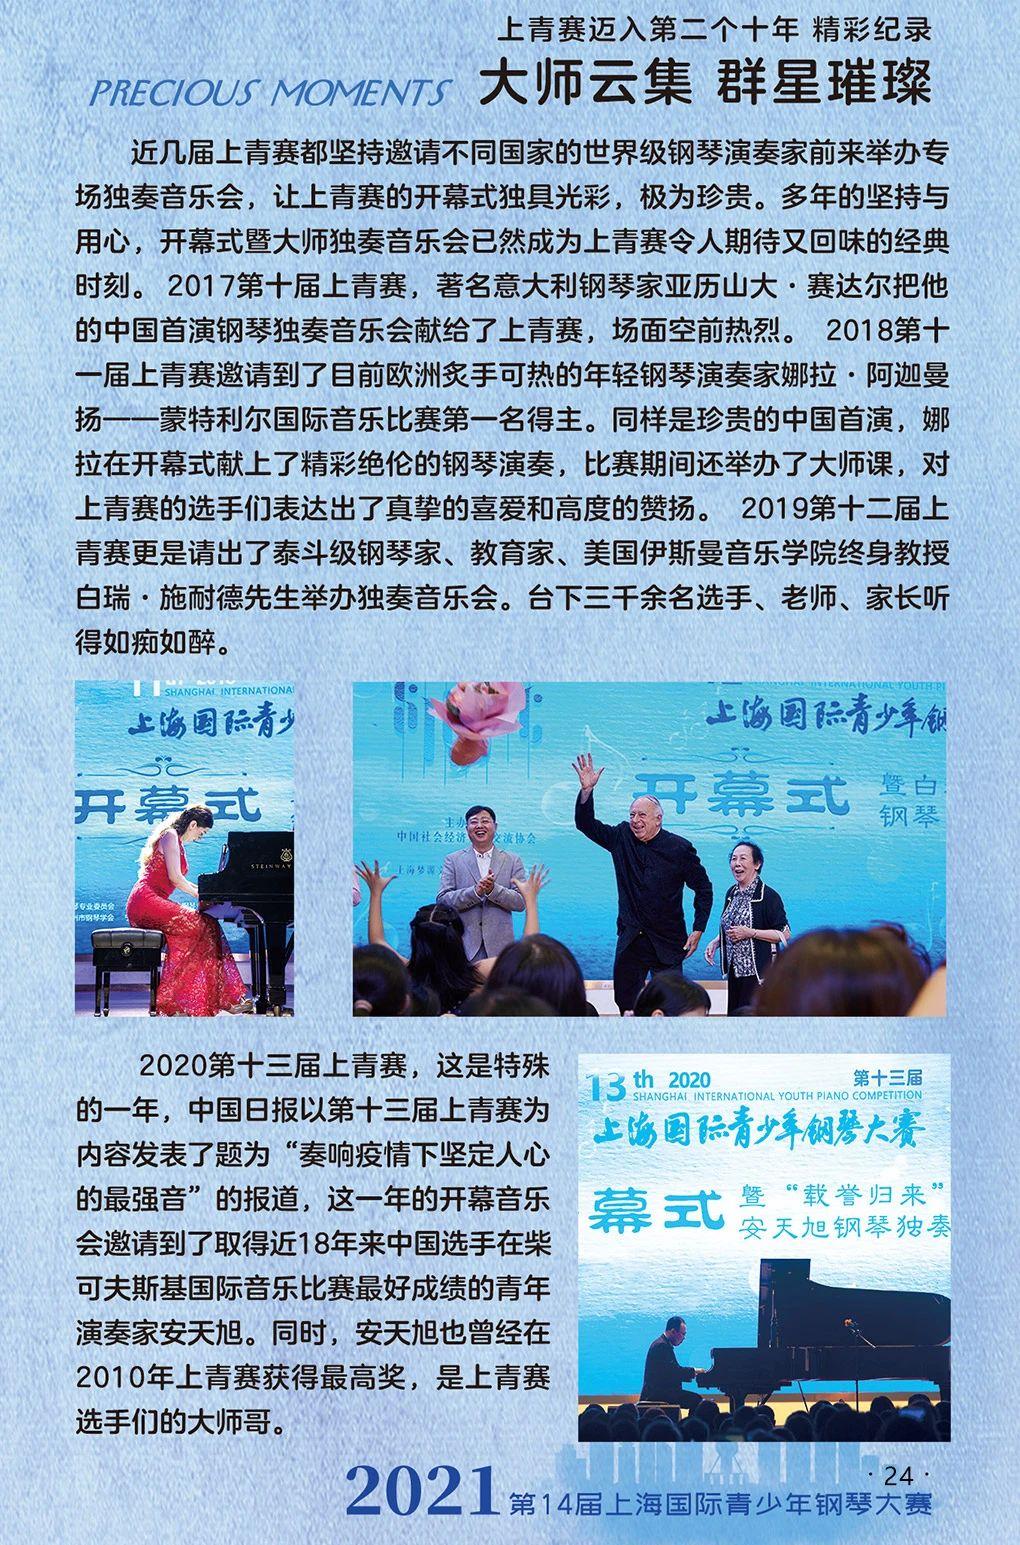 诺英德曼钢琴‖2021第14届上海国际青少年钢琴大赛-广州赛区盛大开启